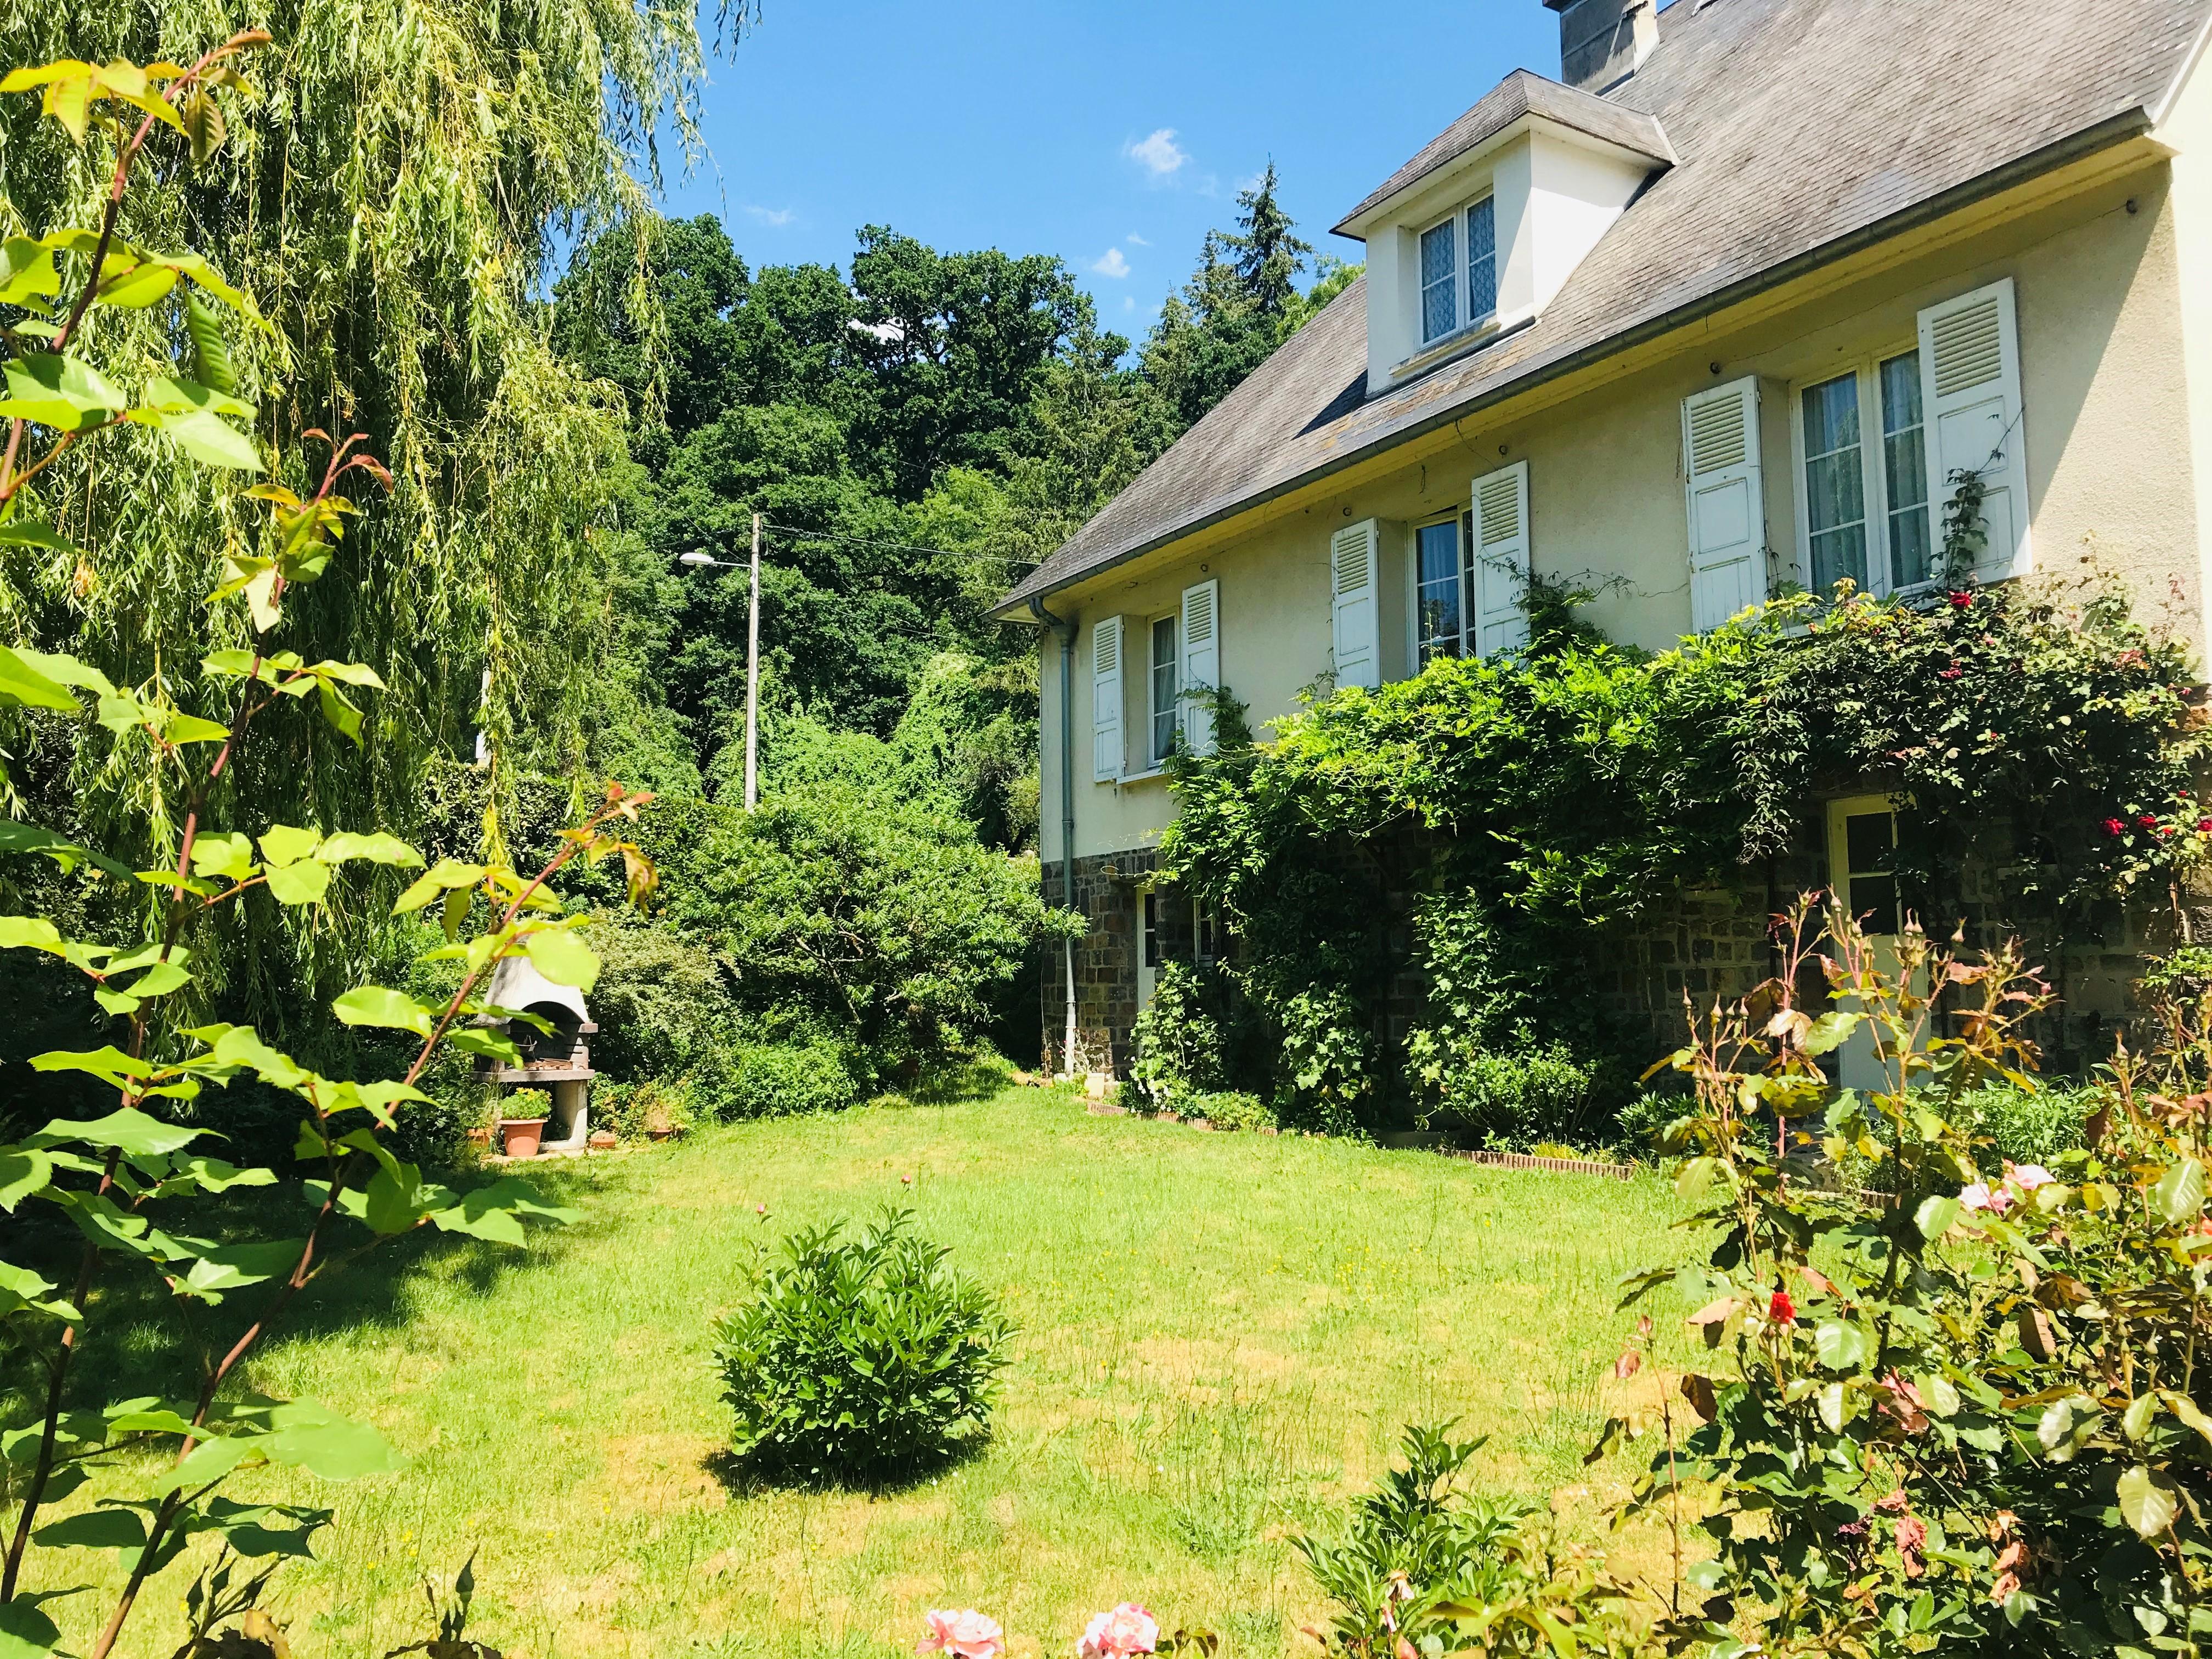 Maison – 6 pièces – 160 m² – Proche Thury-Harcourt